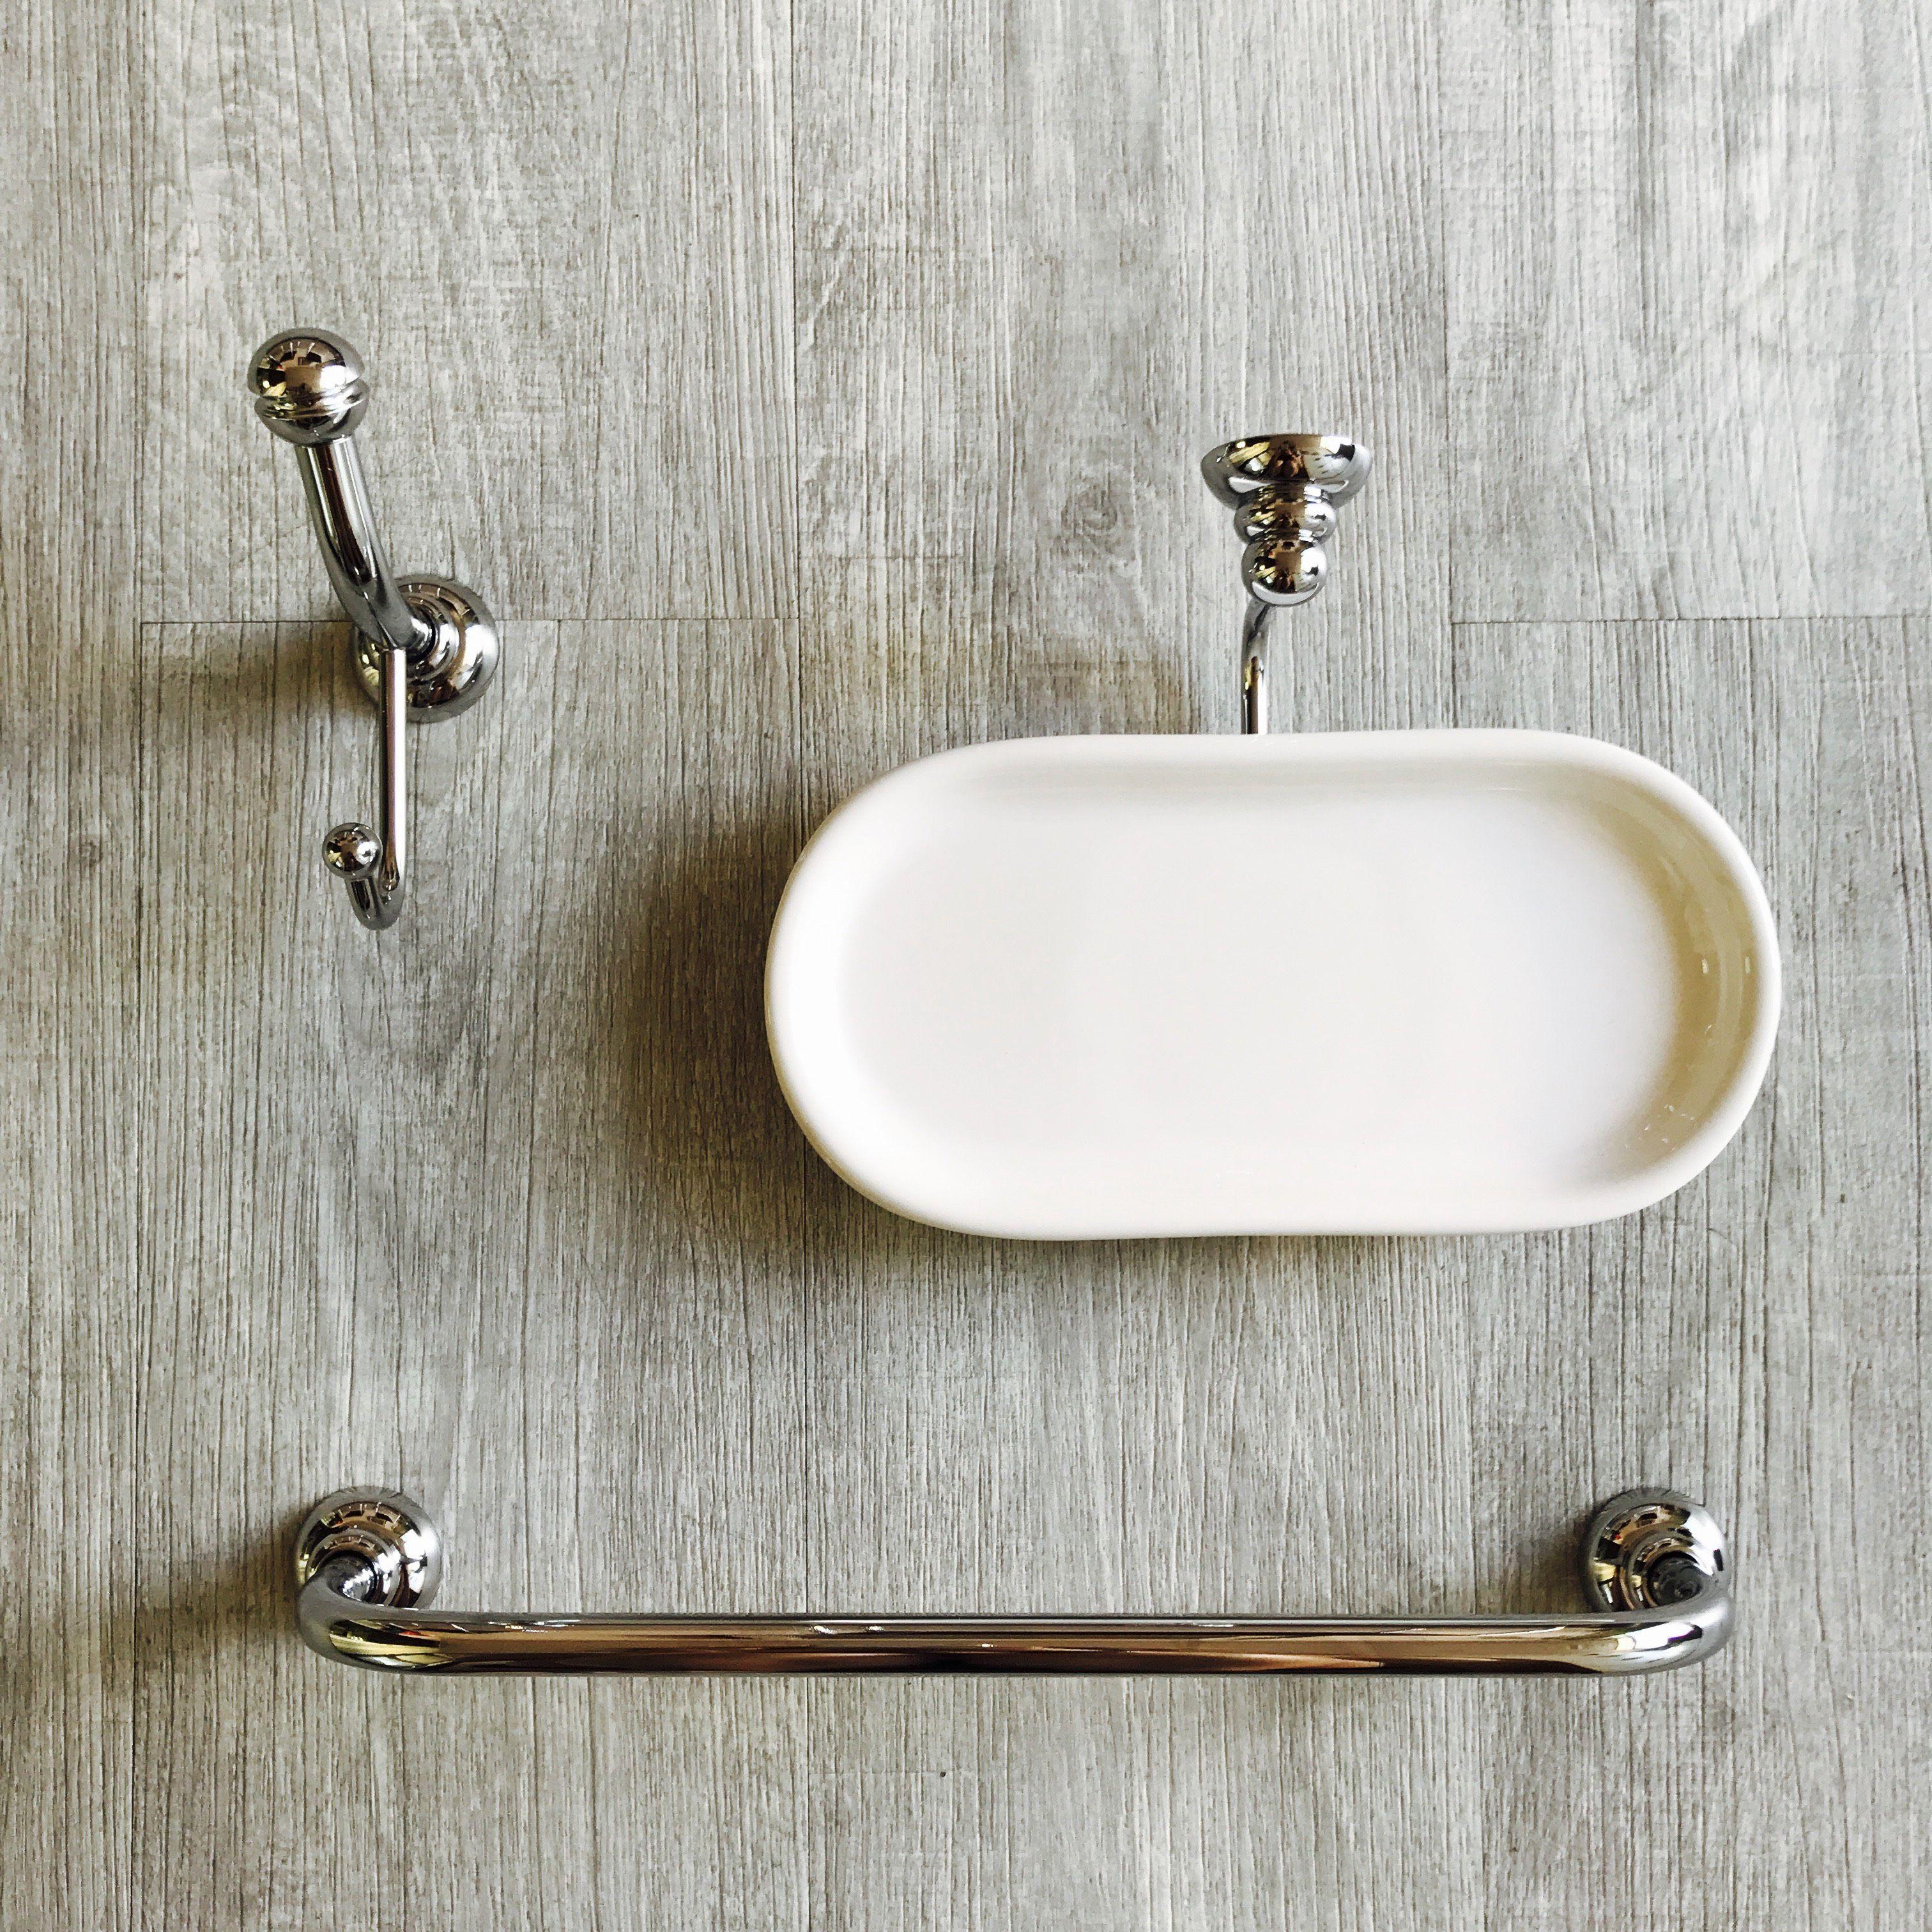 Accessori Bagno In Ceramica Bianca.Porta Salviette Versione Bidet Complementi Arredo Bagno